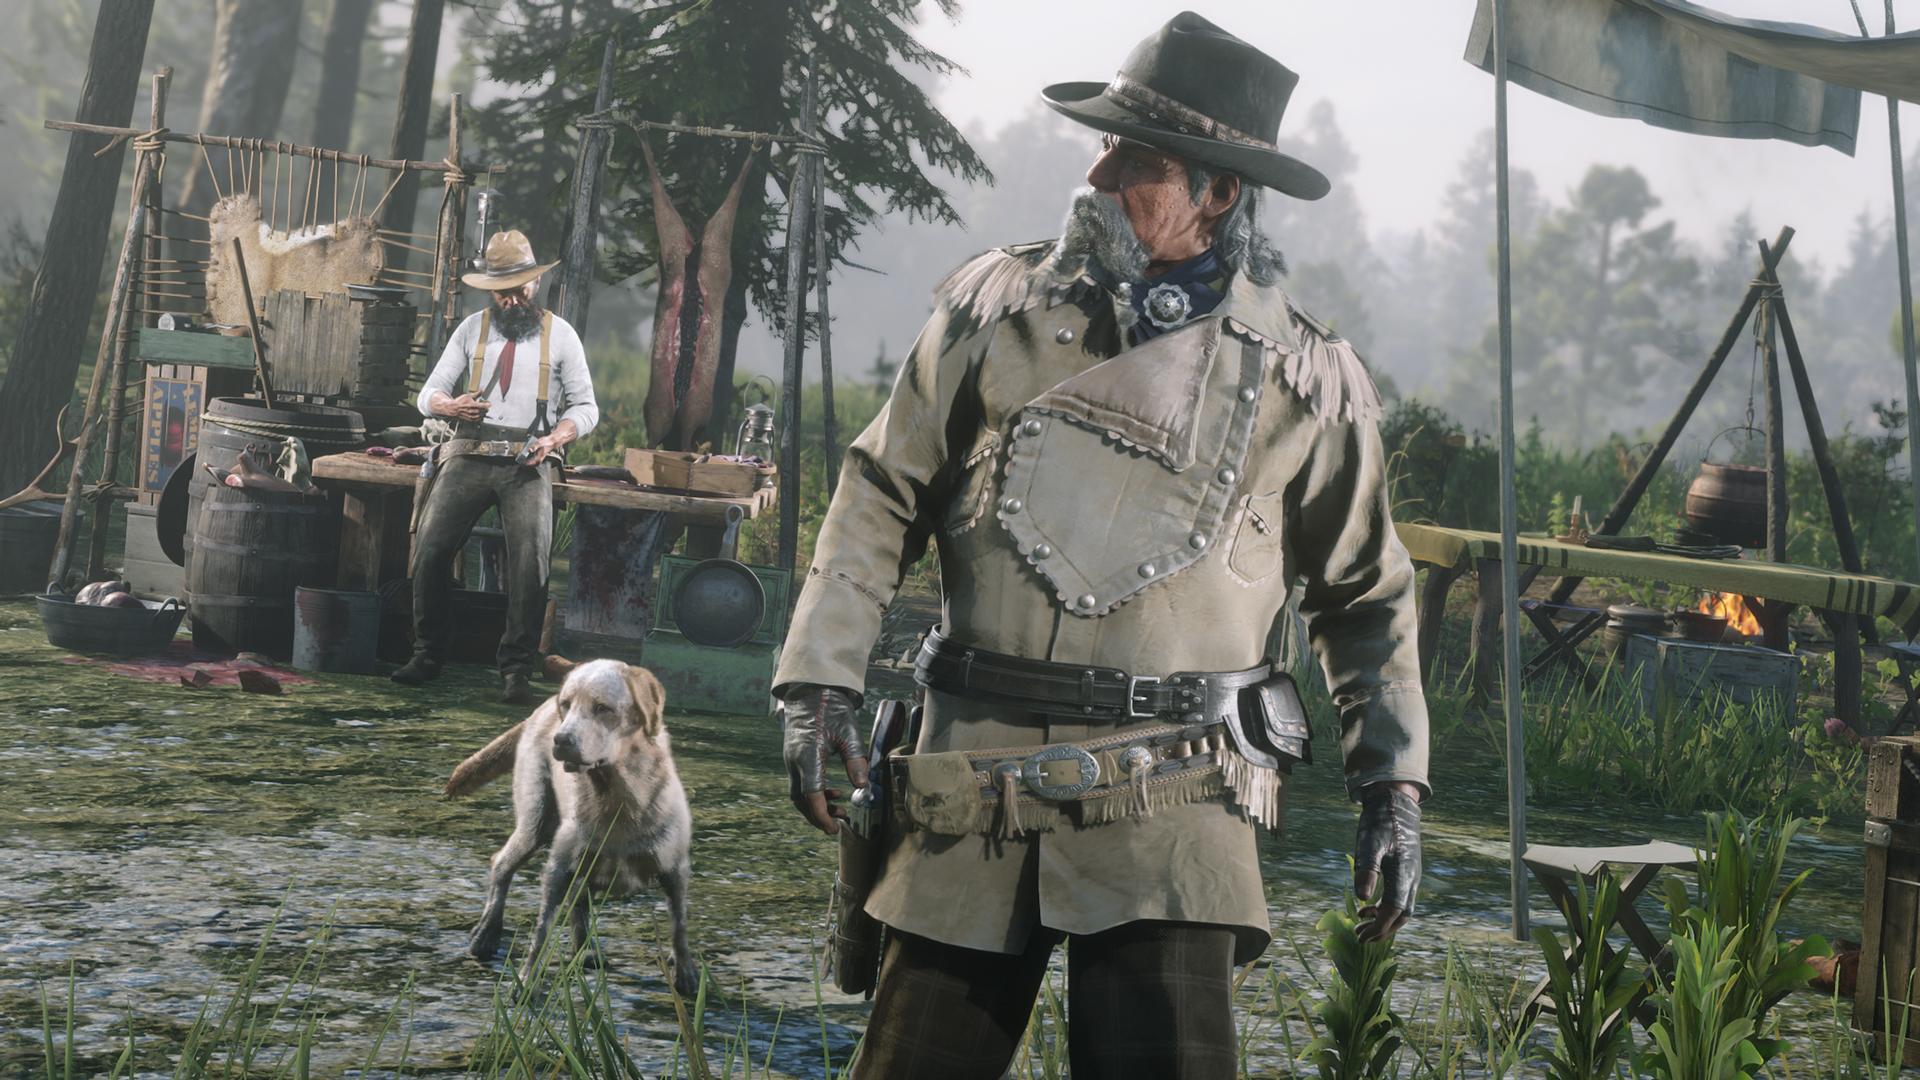 El Comerciante podrá vender carne y pieles de animales en su campamento